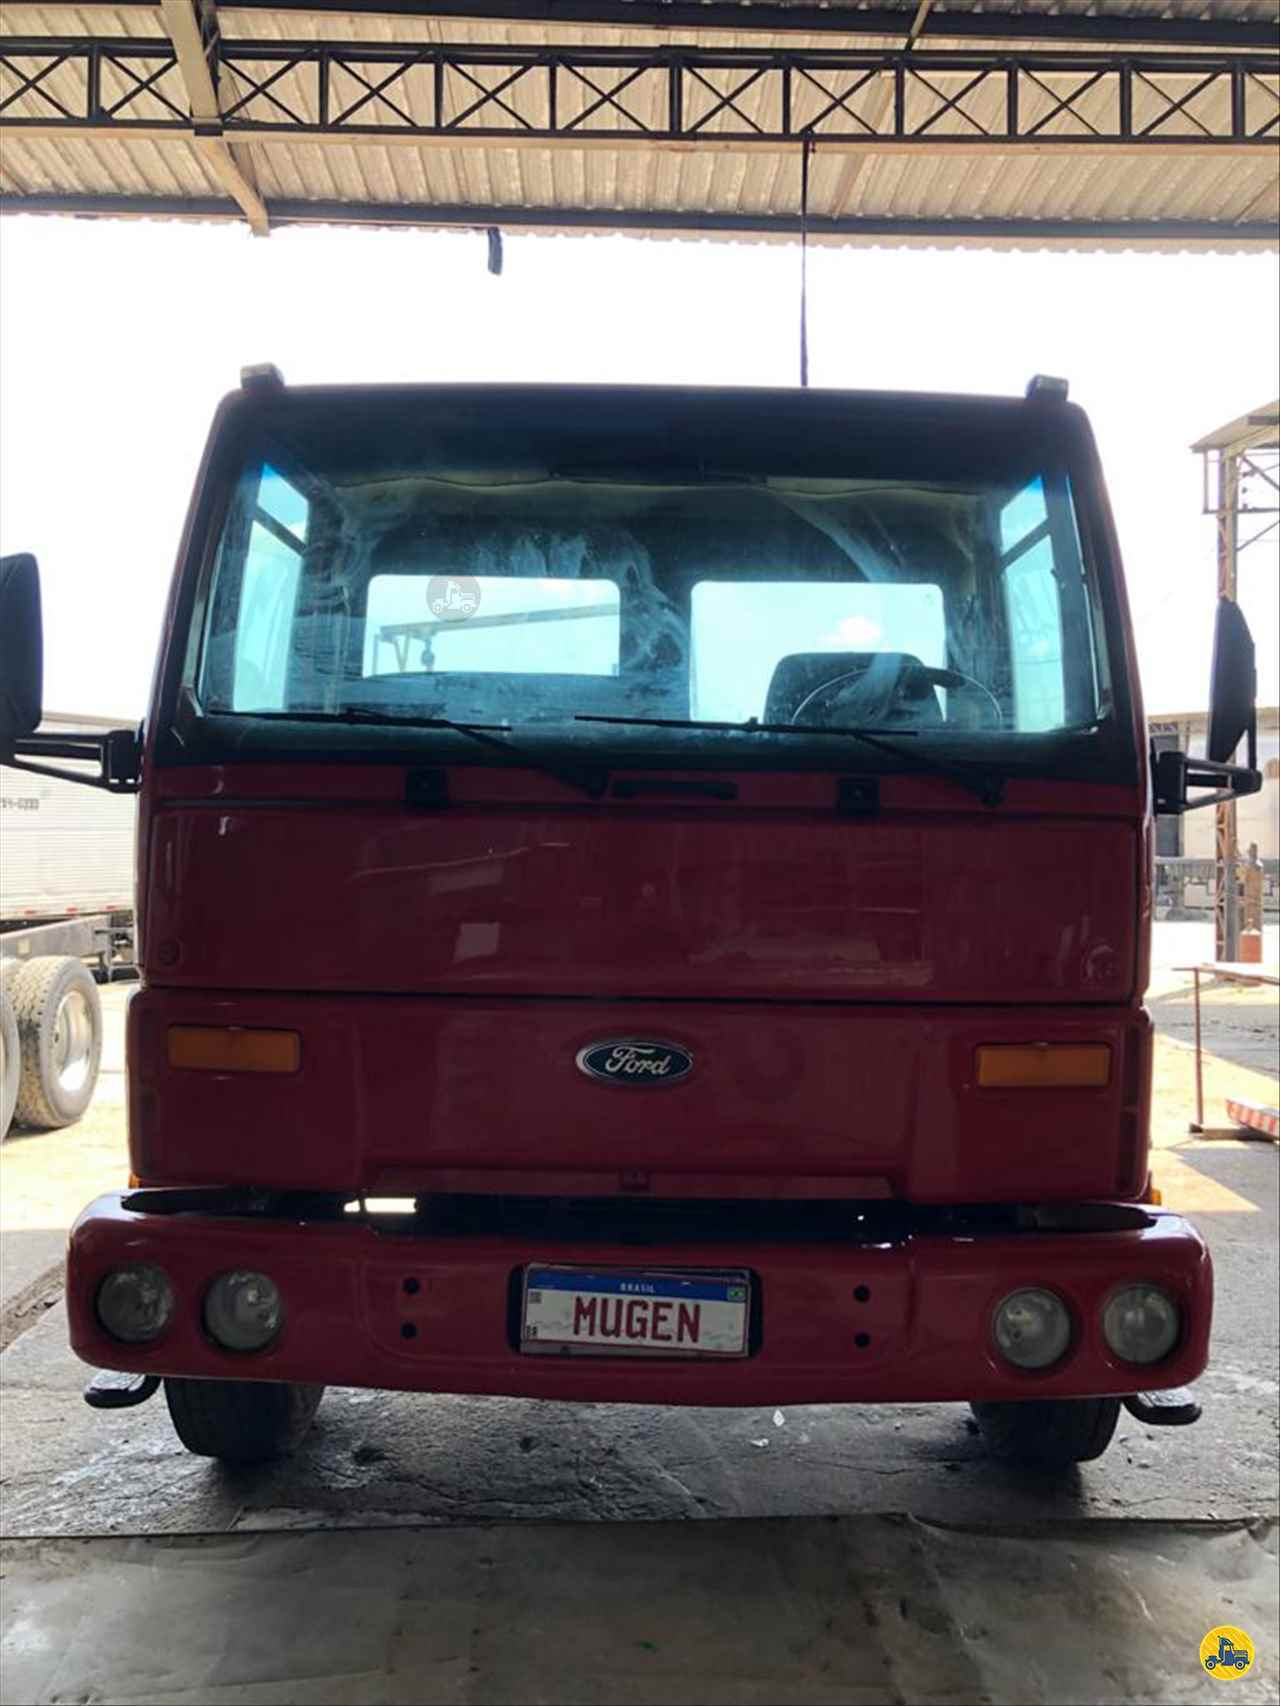 CAMINHAO FORD CARGO 1517 Baú Furgão Toco 4x2 Mugen Caminhões GUARULHOS SÃO PAULO SP